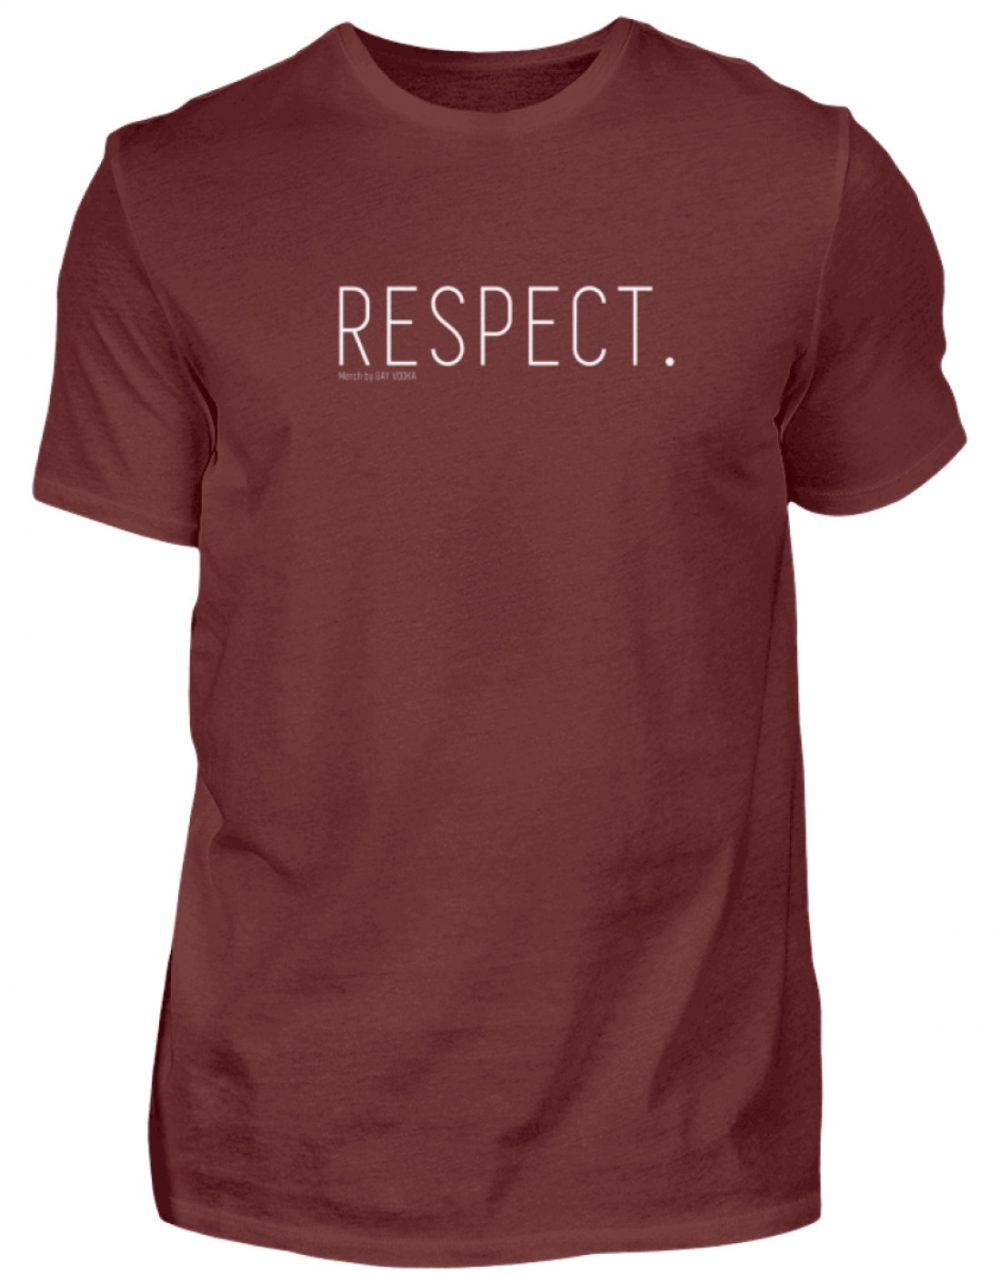 RESPECT. - Herren Premiumshirt-3192